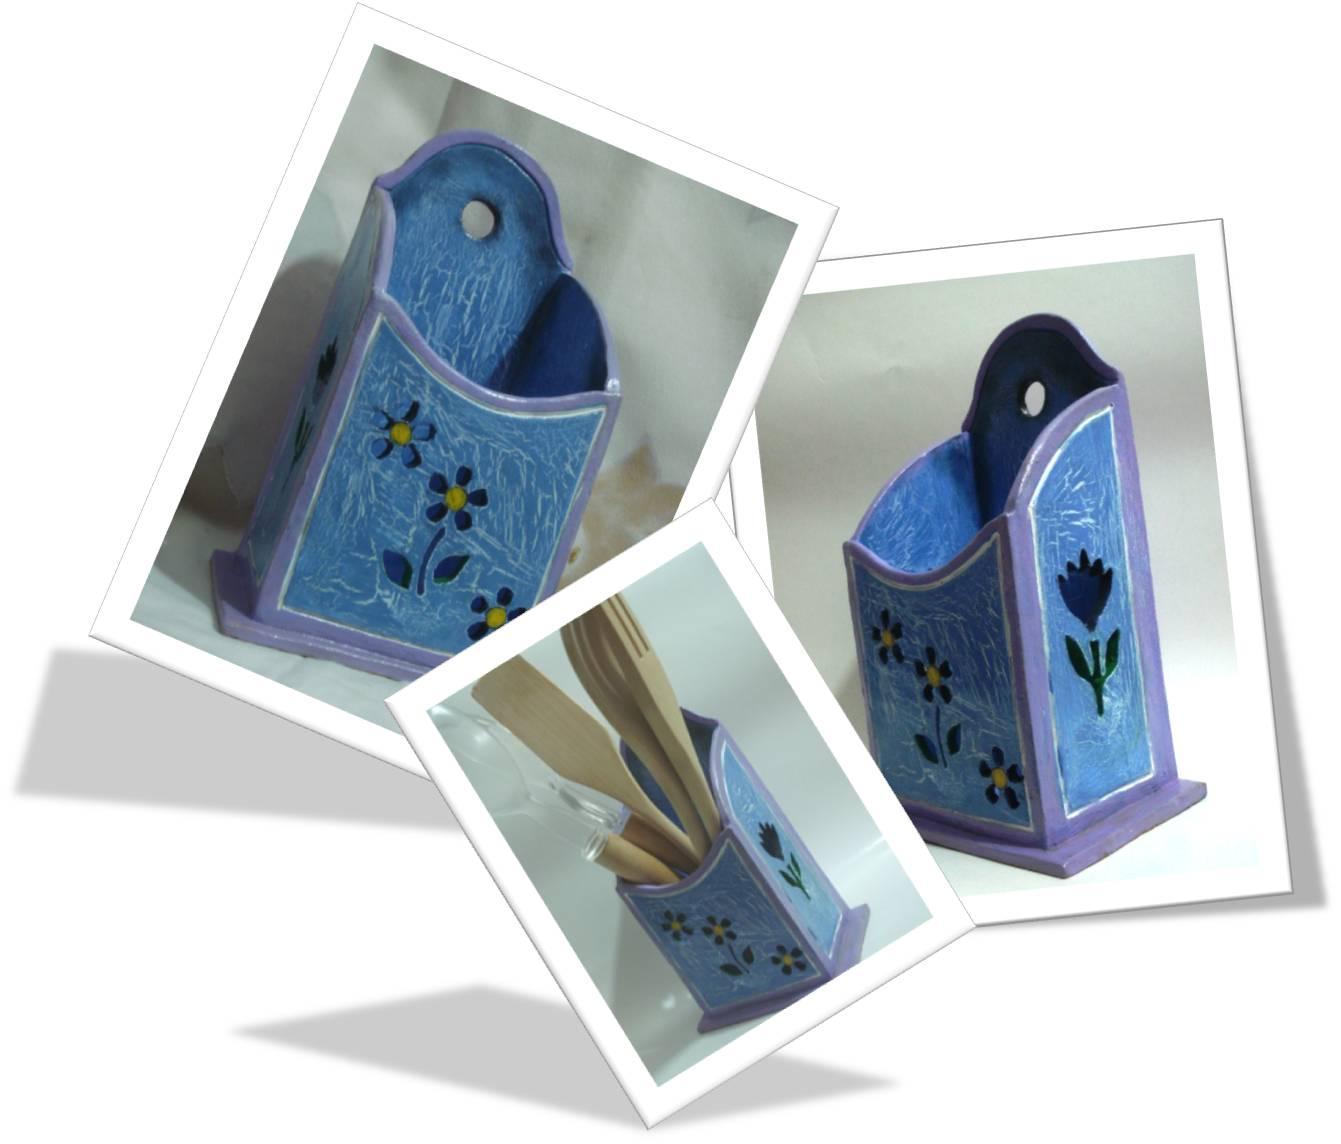 Artesan as luis porta cucharas azul for Porta cucharas cocina